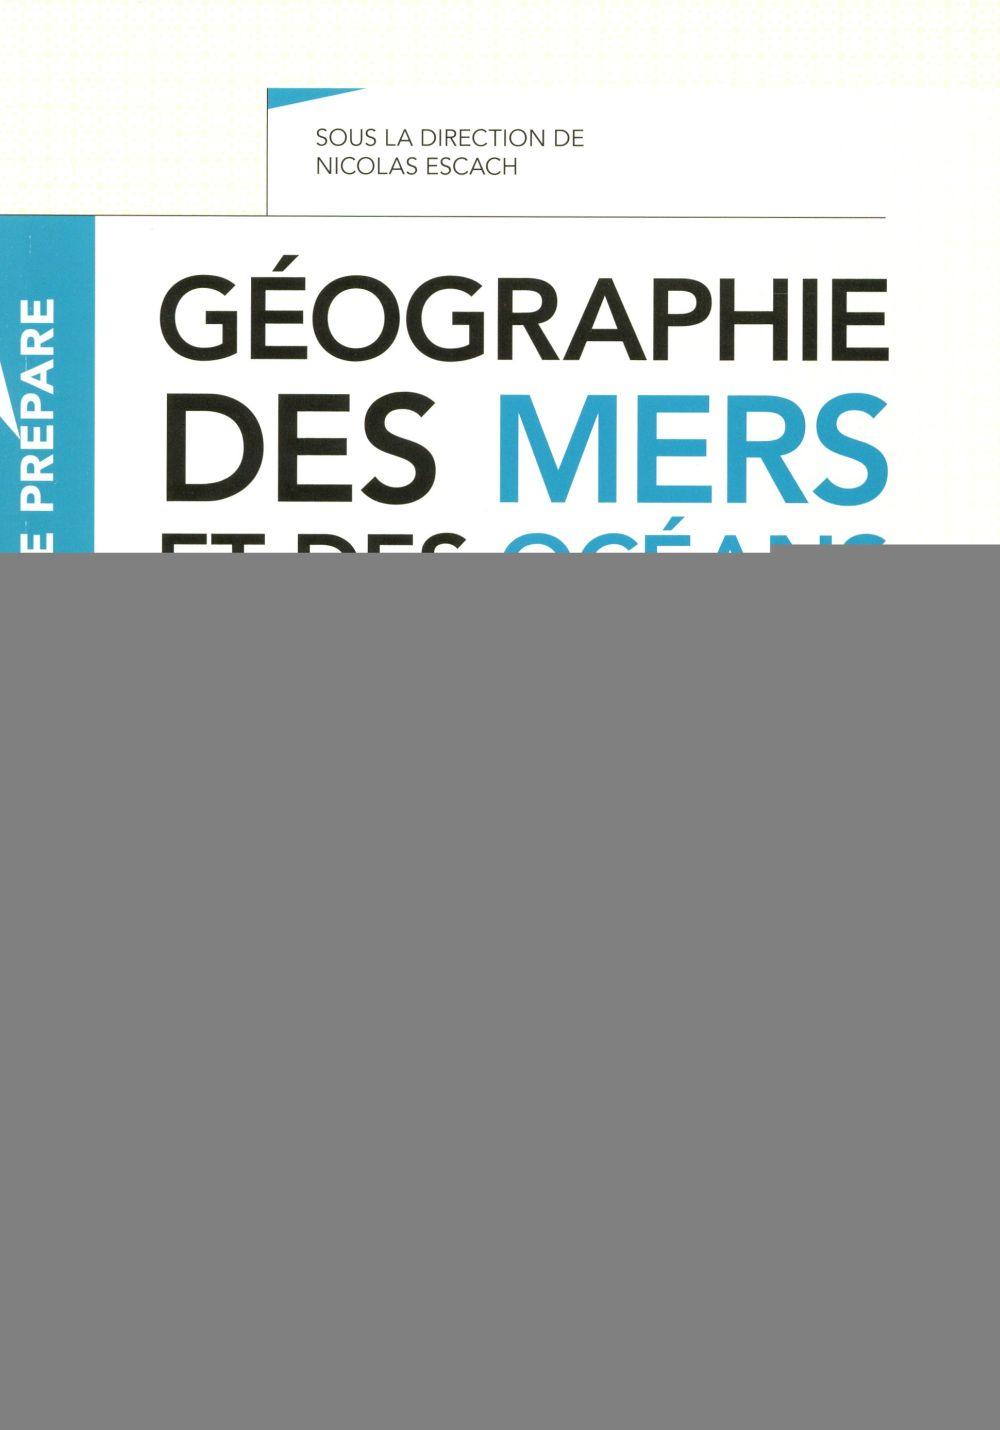 JE PREPARE  -  GEOGRAPHIE DES MERS ET DES OCEANS  -  CAPES ET AGREGATION  -  HISTOIRE-GEOGRAPHIE